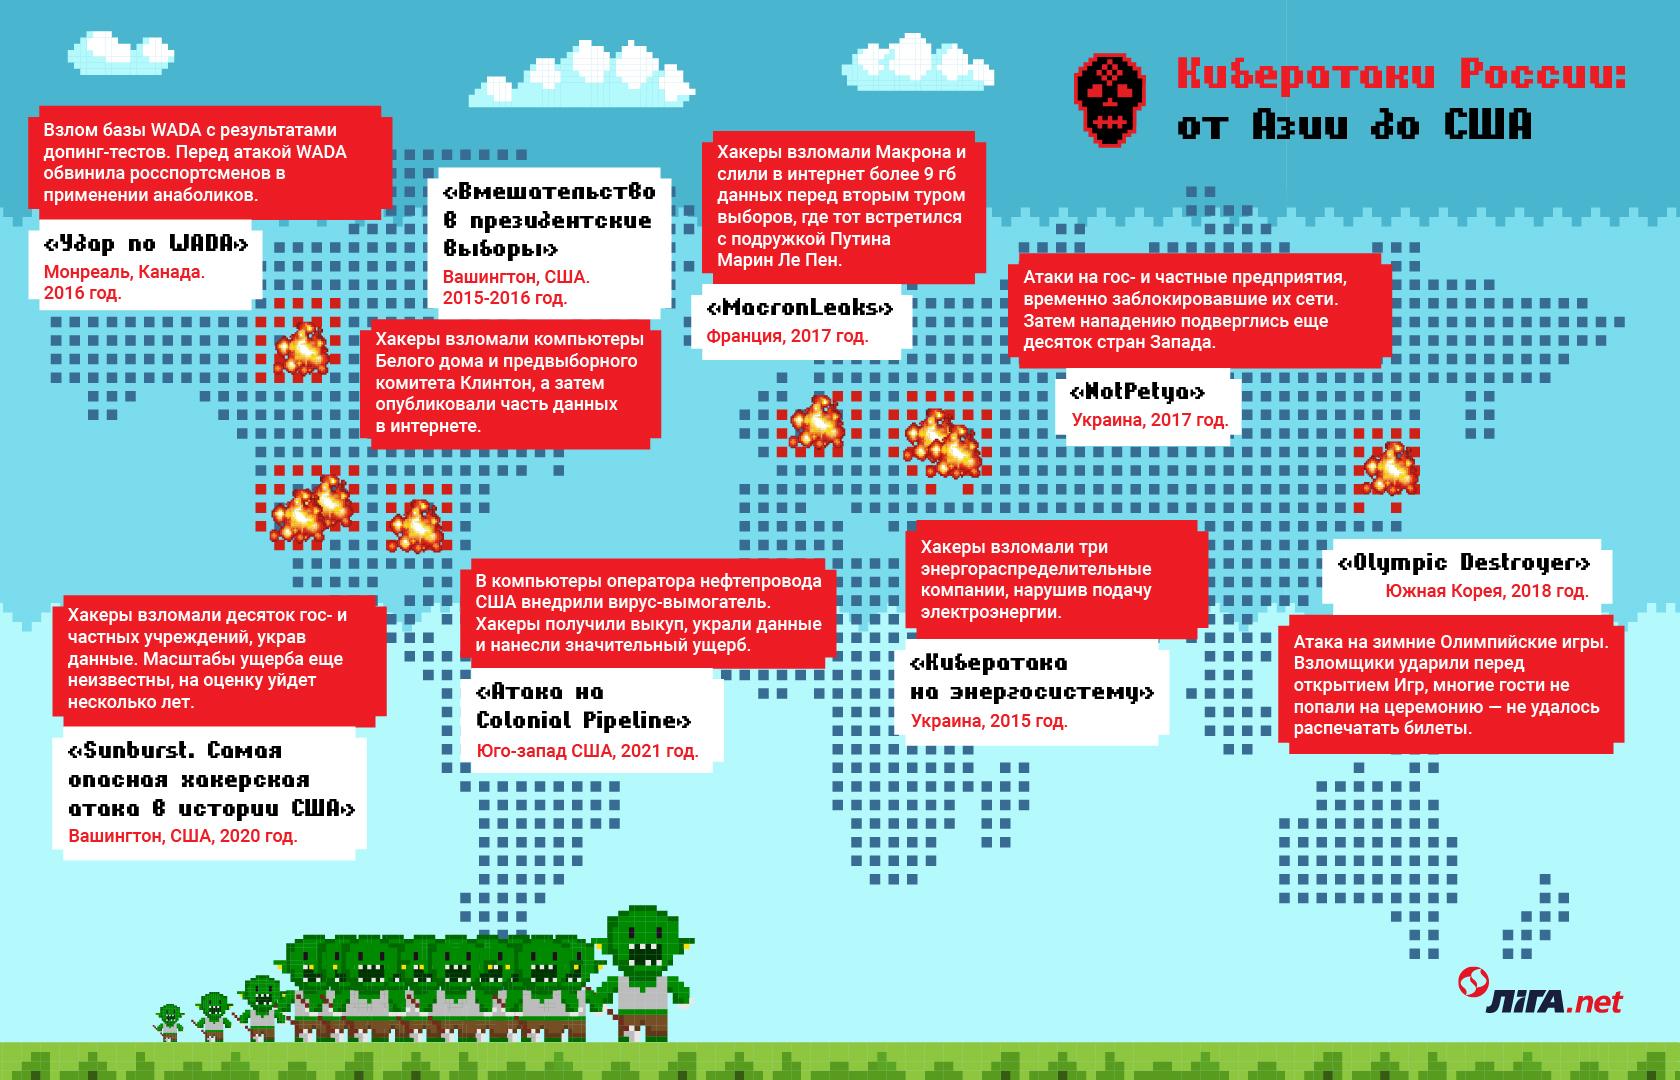 Код війни. Як влаштований світ хакерів: тачки, гроші та спецслужби (текст у вас на пошті)